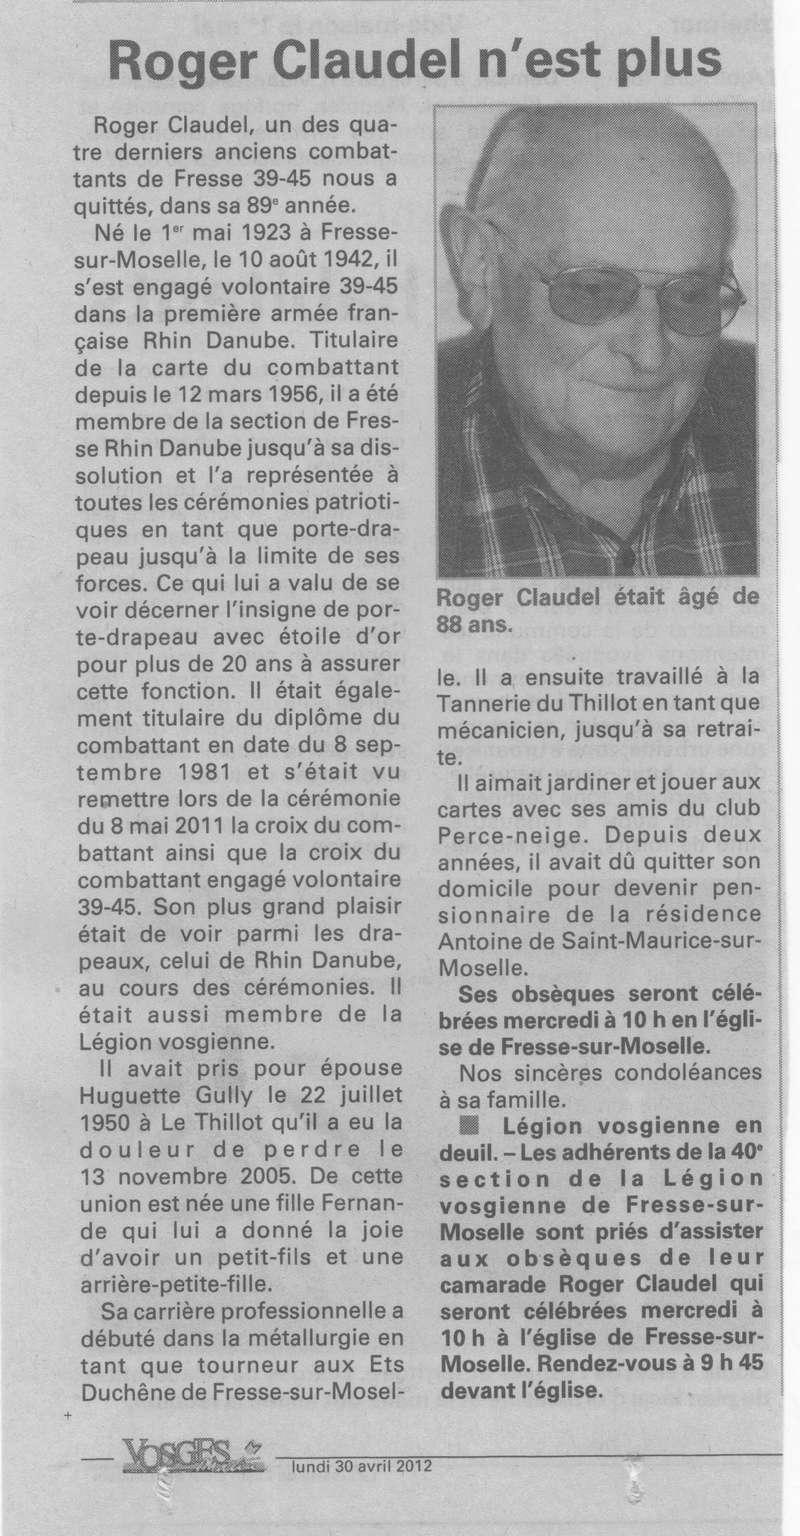 FRESSE SUR MOSELLE - SOUVENIRS DE ROGER CLAUDEL 31_00110